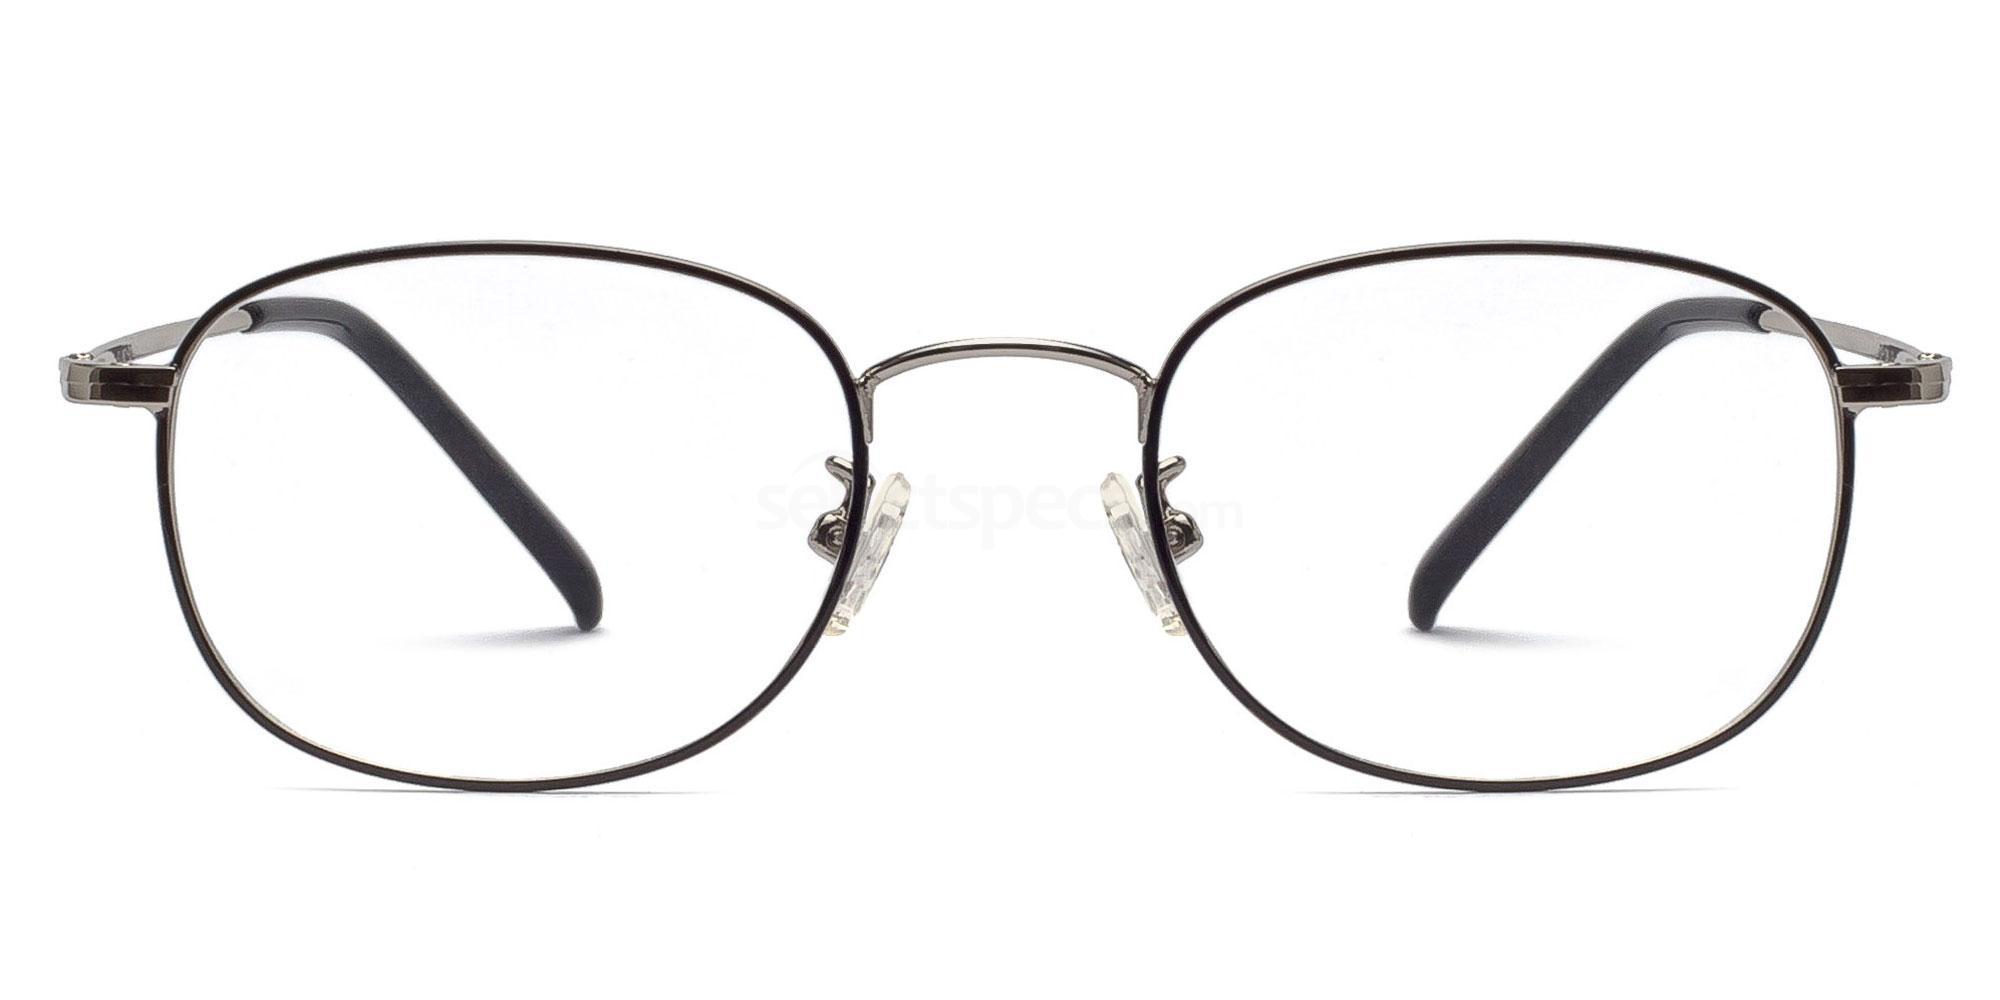 C2 17026-1 Glasses, Infinity